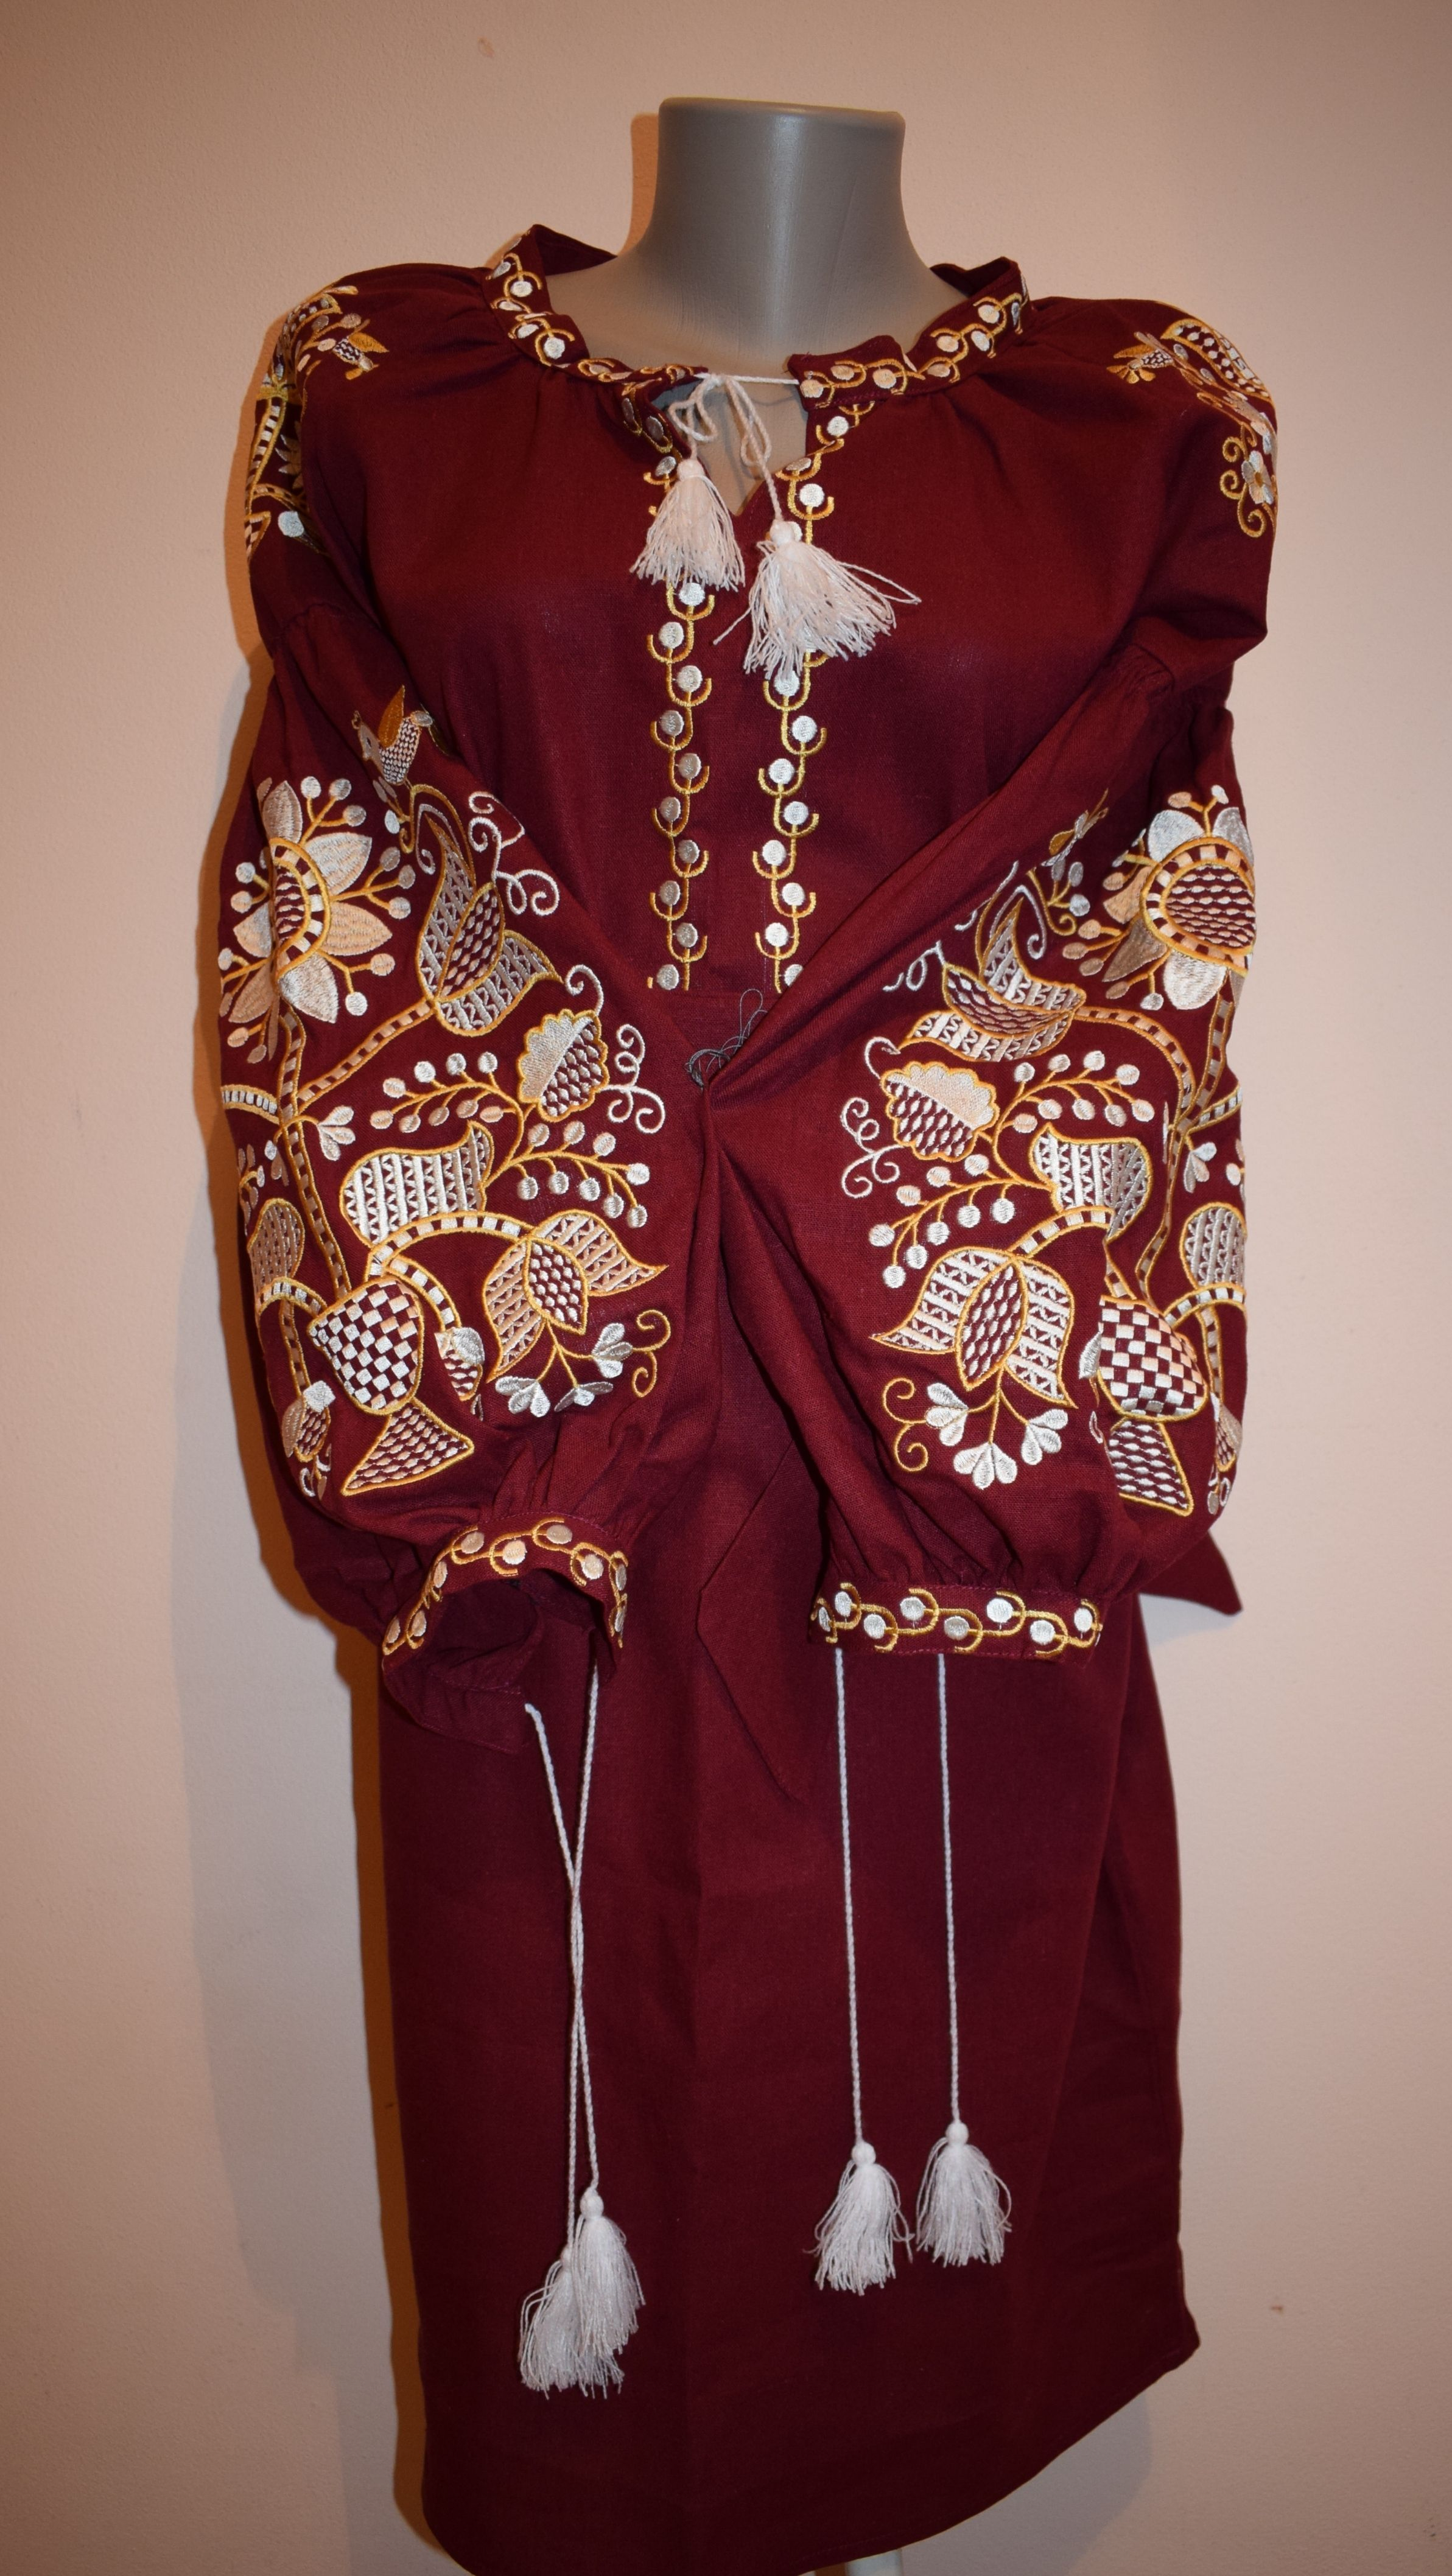 Вишита сукня завдовжки до коліна з довгими пишними рукавами. Модель  виготовлена з натуральної тканини 6c69797cf7ab5